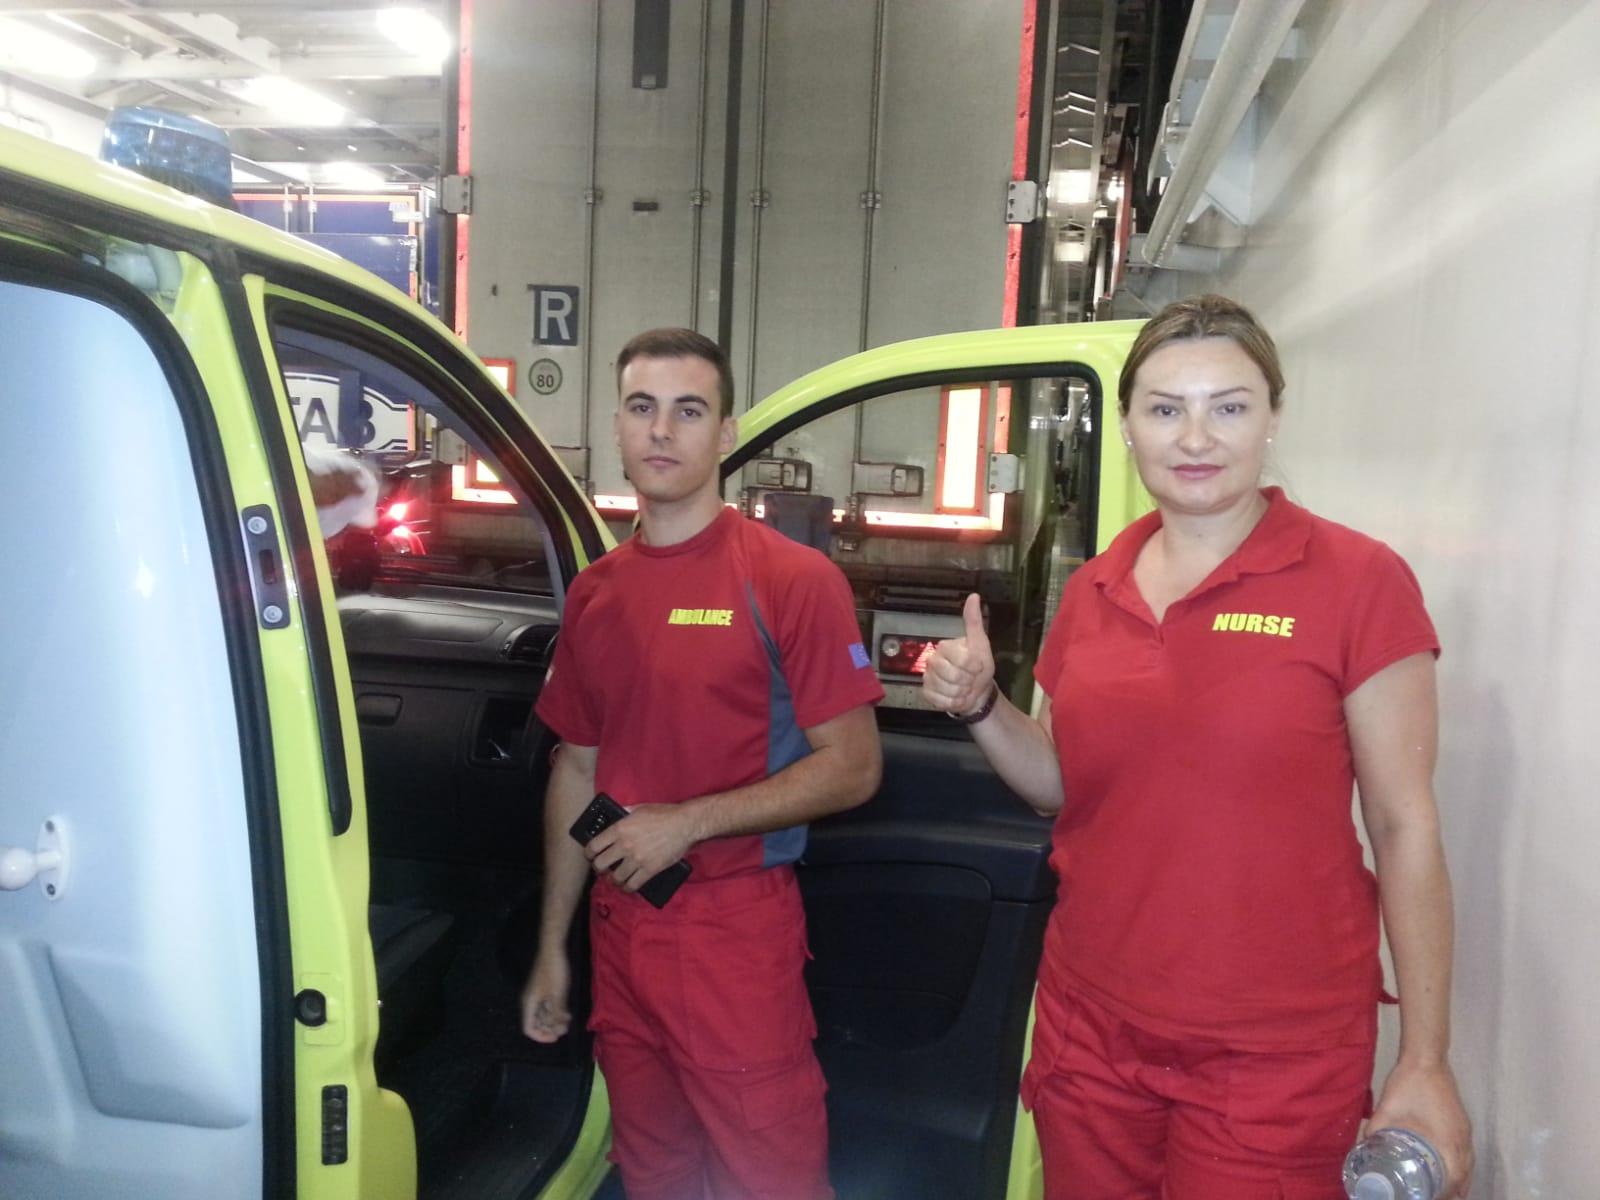 Personnel ambulancier dans les nouveaux uniformes.